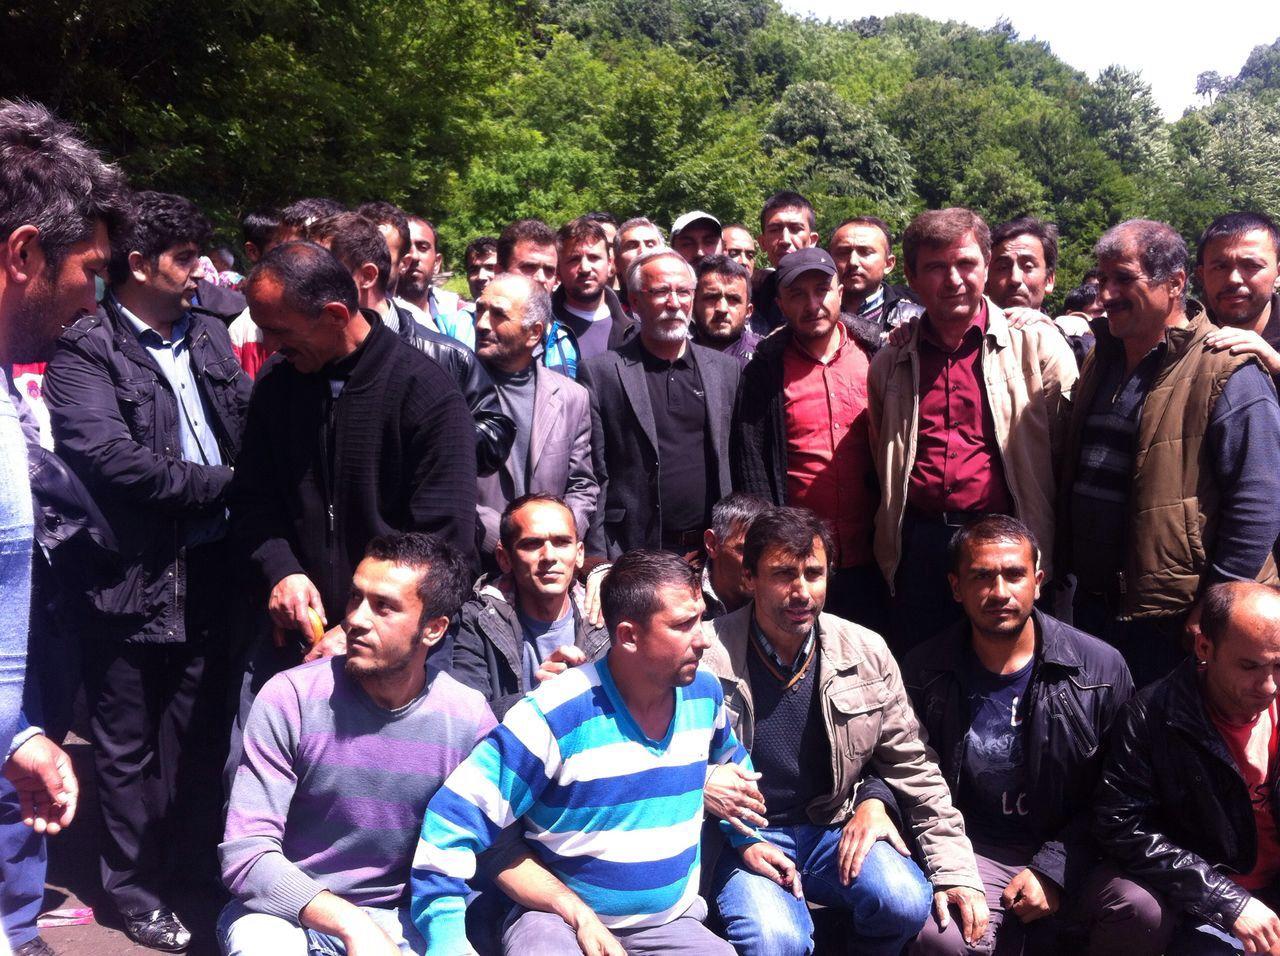 Zonguldak Direnişi Yerin Altında ve Üstünde 9 Gündür Devam Ediyor.